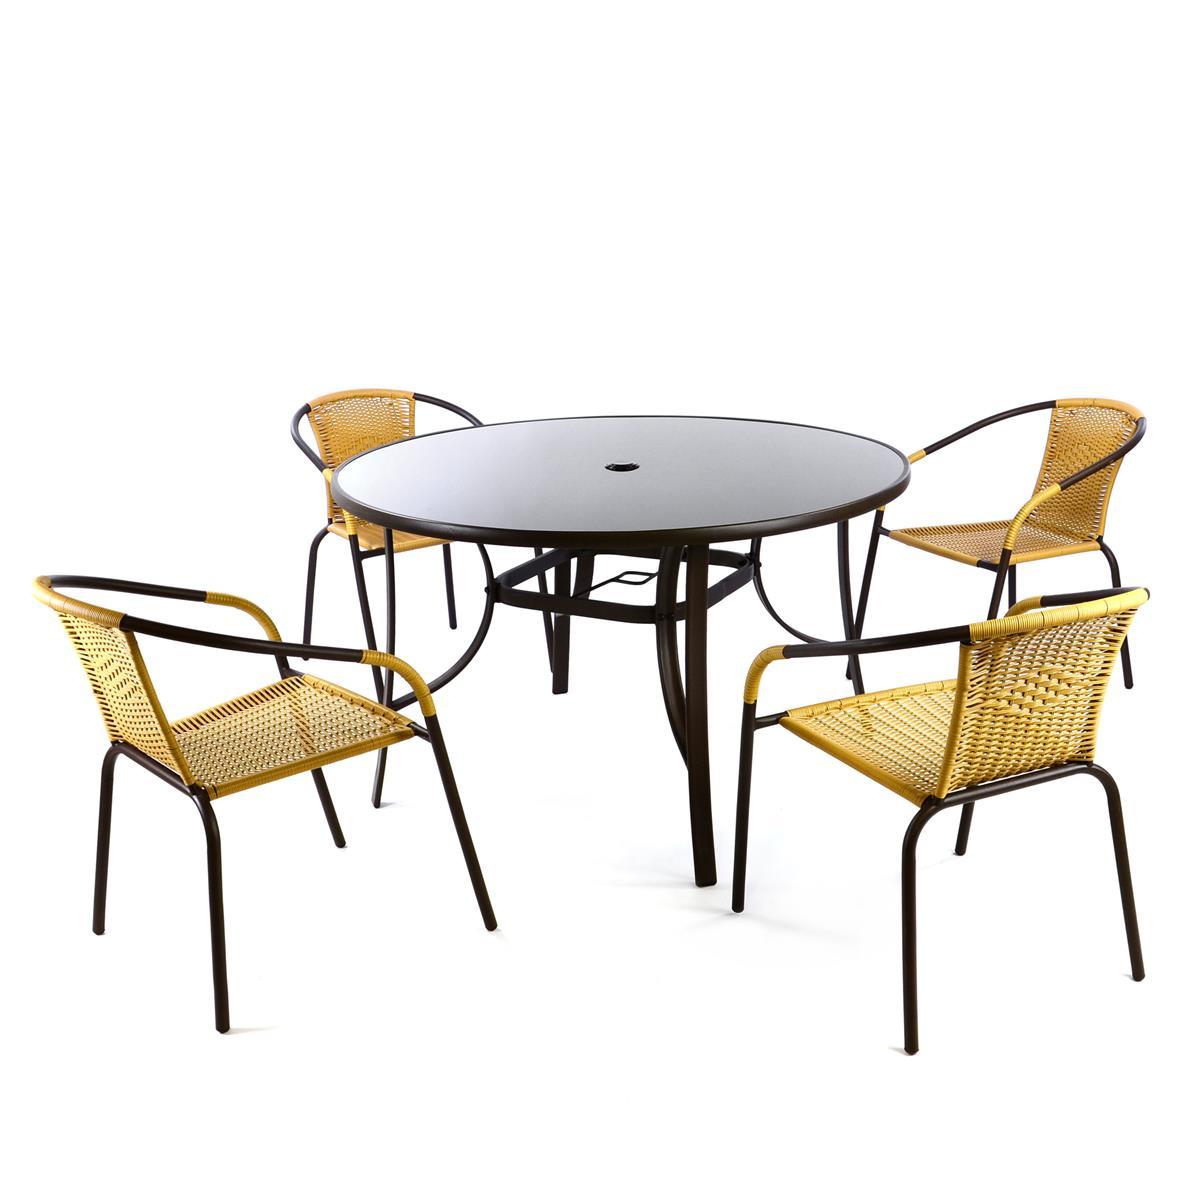 5er Bistroset beige Sitzgruppe Gartengarnitur Poly Rattan Gartenmöbel Terrasse